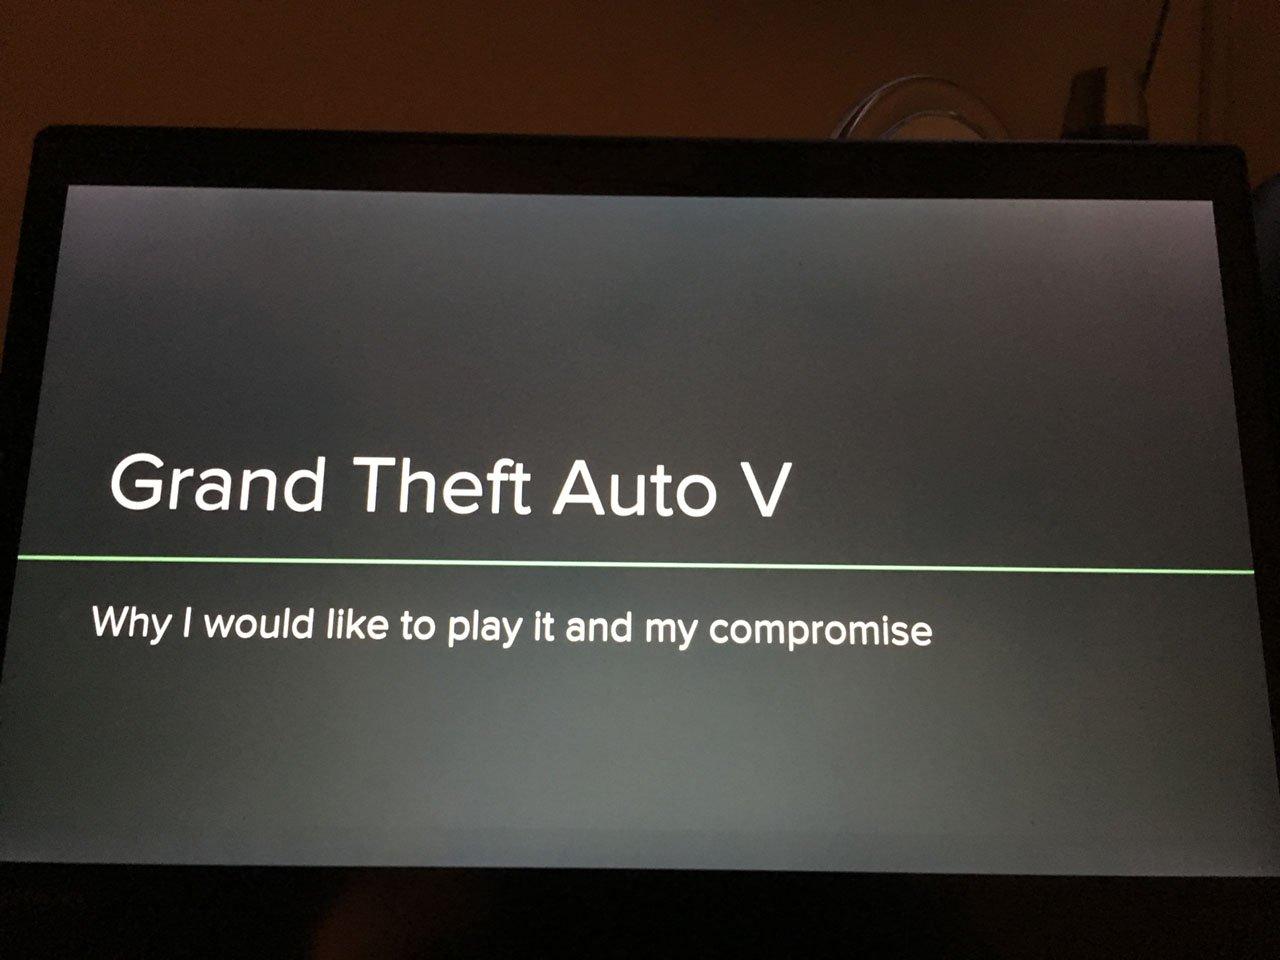 13-летний мальчик убедил родителей купить ему GTA V с помощью презентации в PowerPoint. - Изображение 1